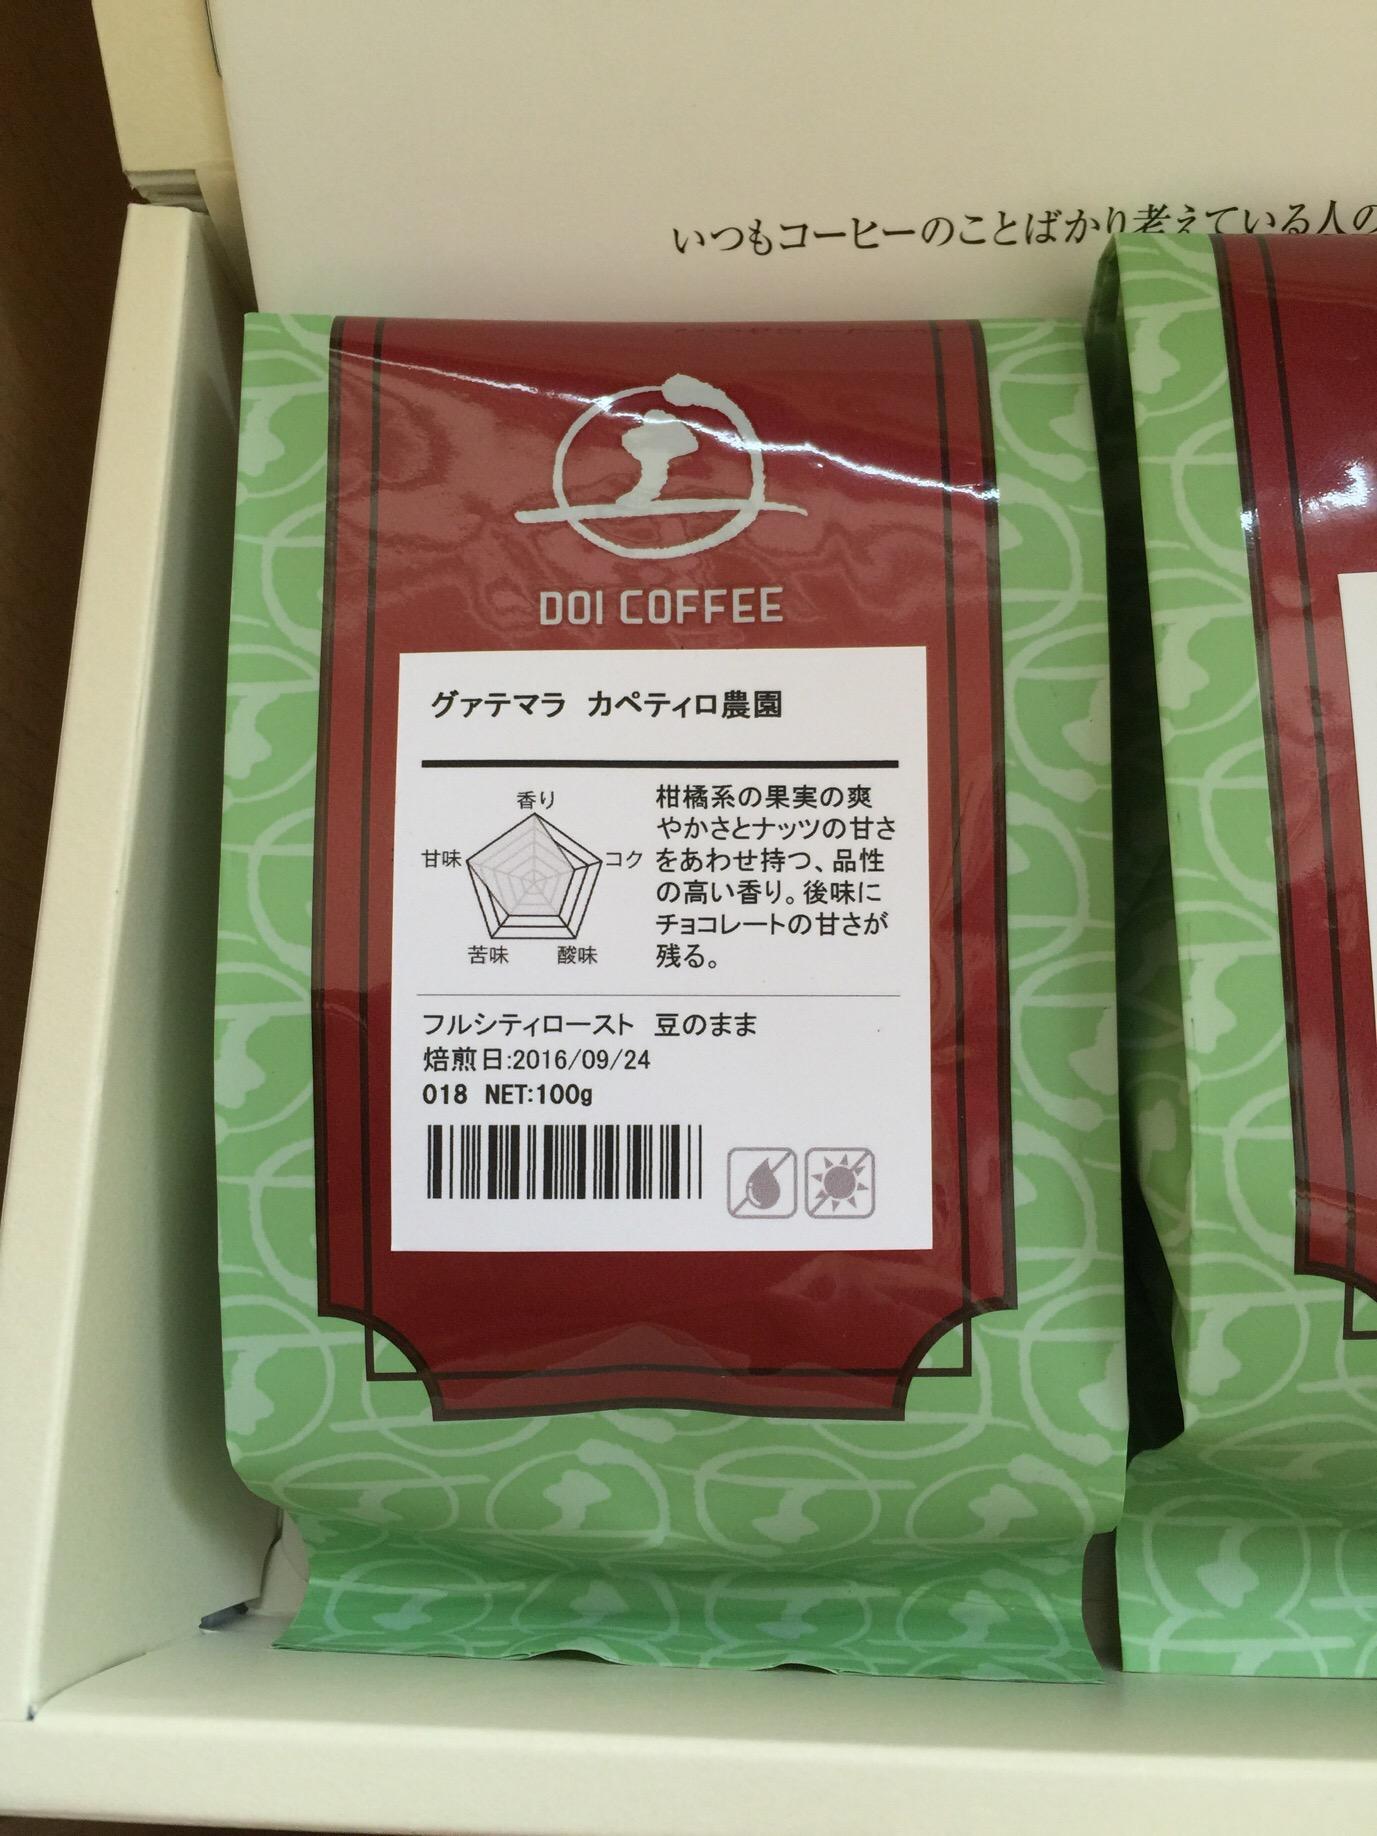 土居珈琲 ドイコーヒー 人気銘柄セット 完全無欠なコーヒー探求家